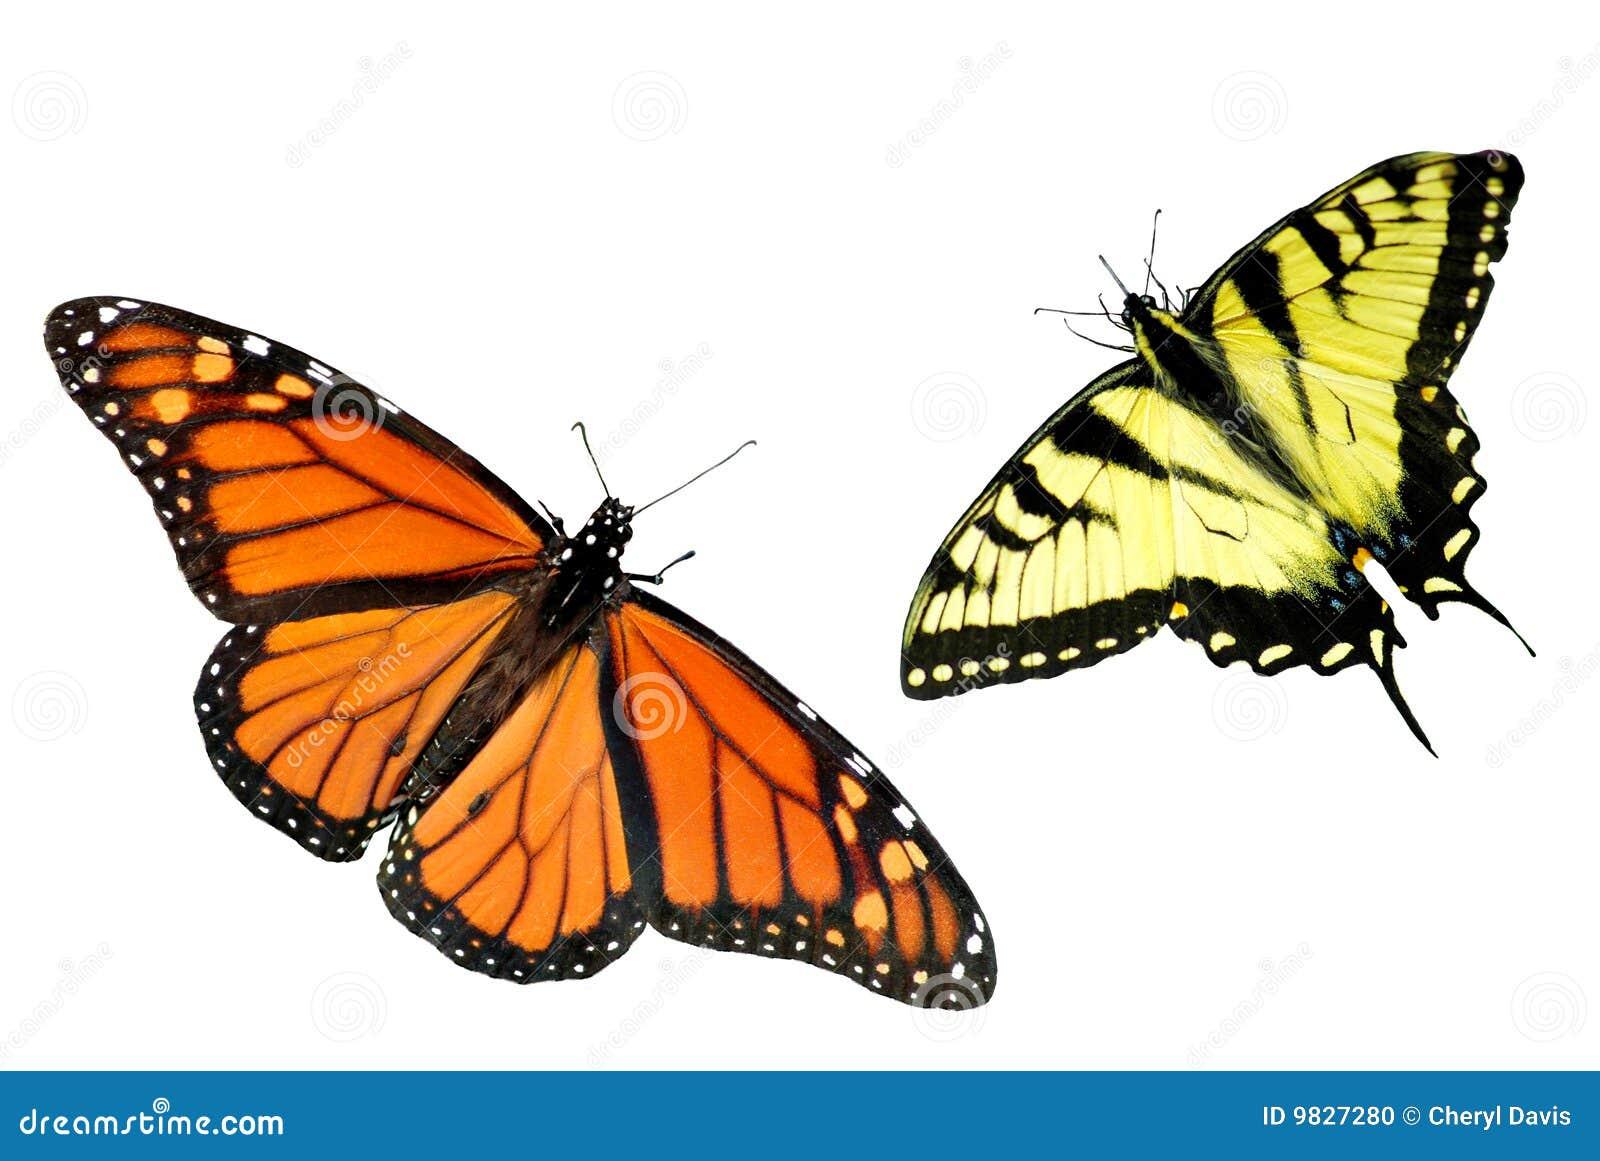 Fundo da borboleta de Swallowtail do monarca e do tigre